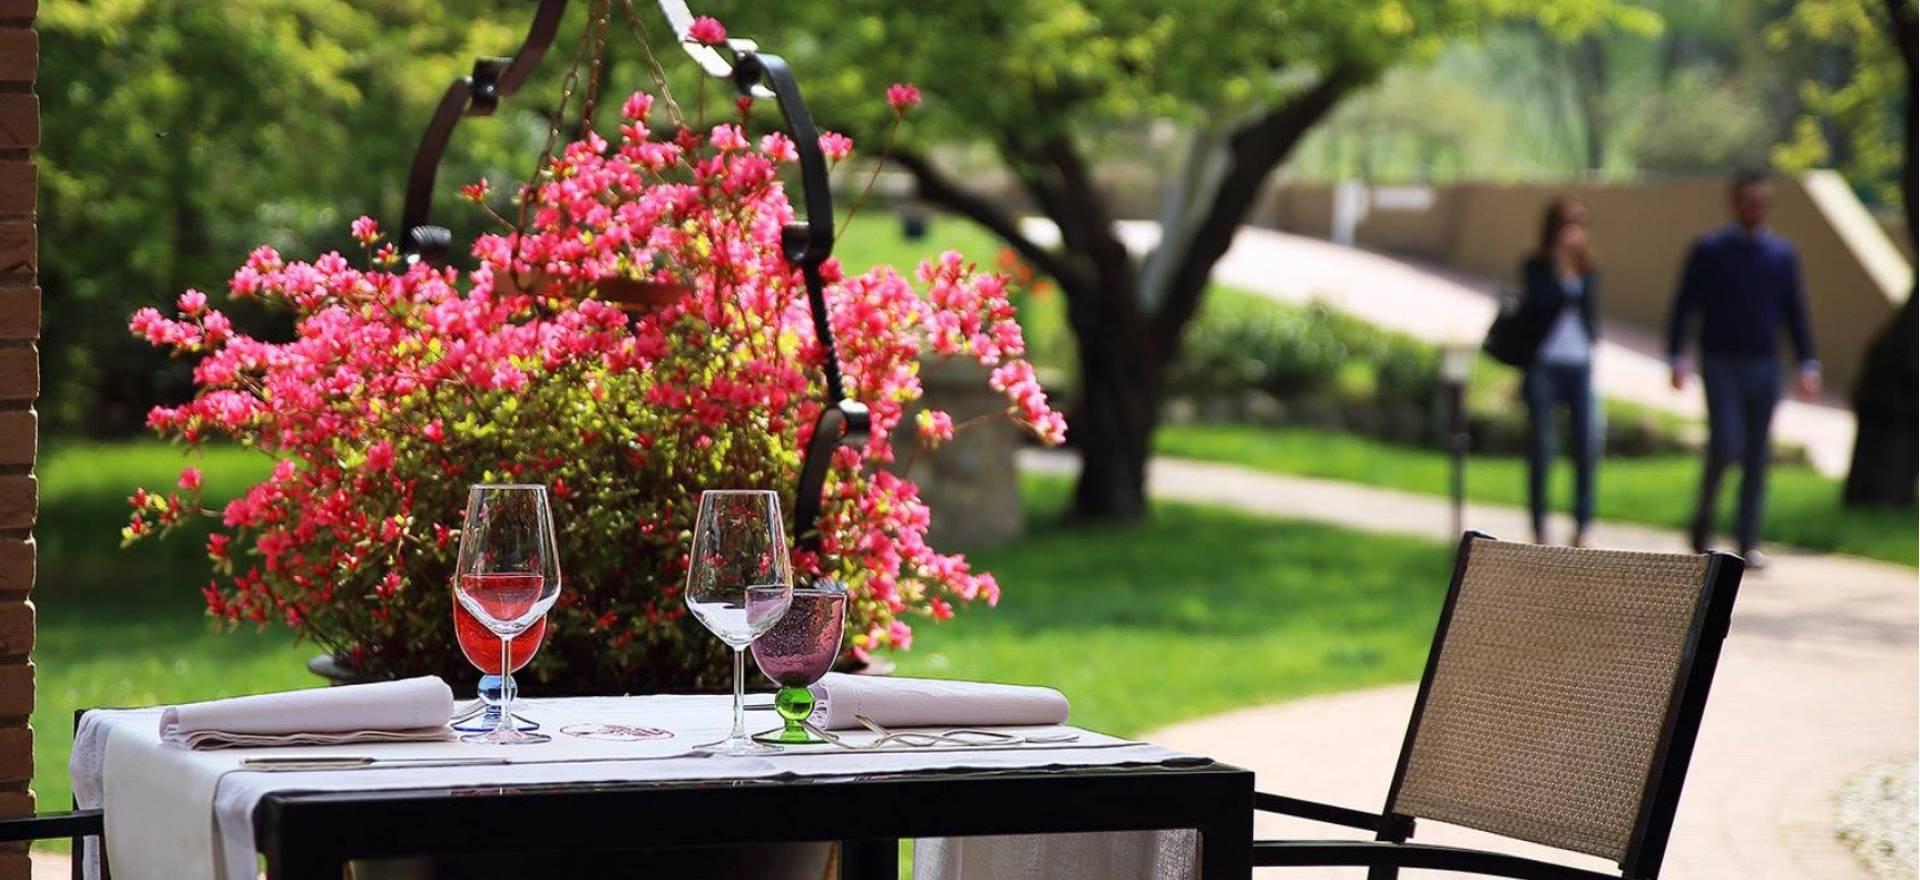 Luxe agriturismo Gardameer met goed restaurant